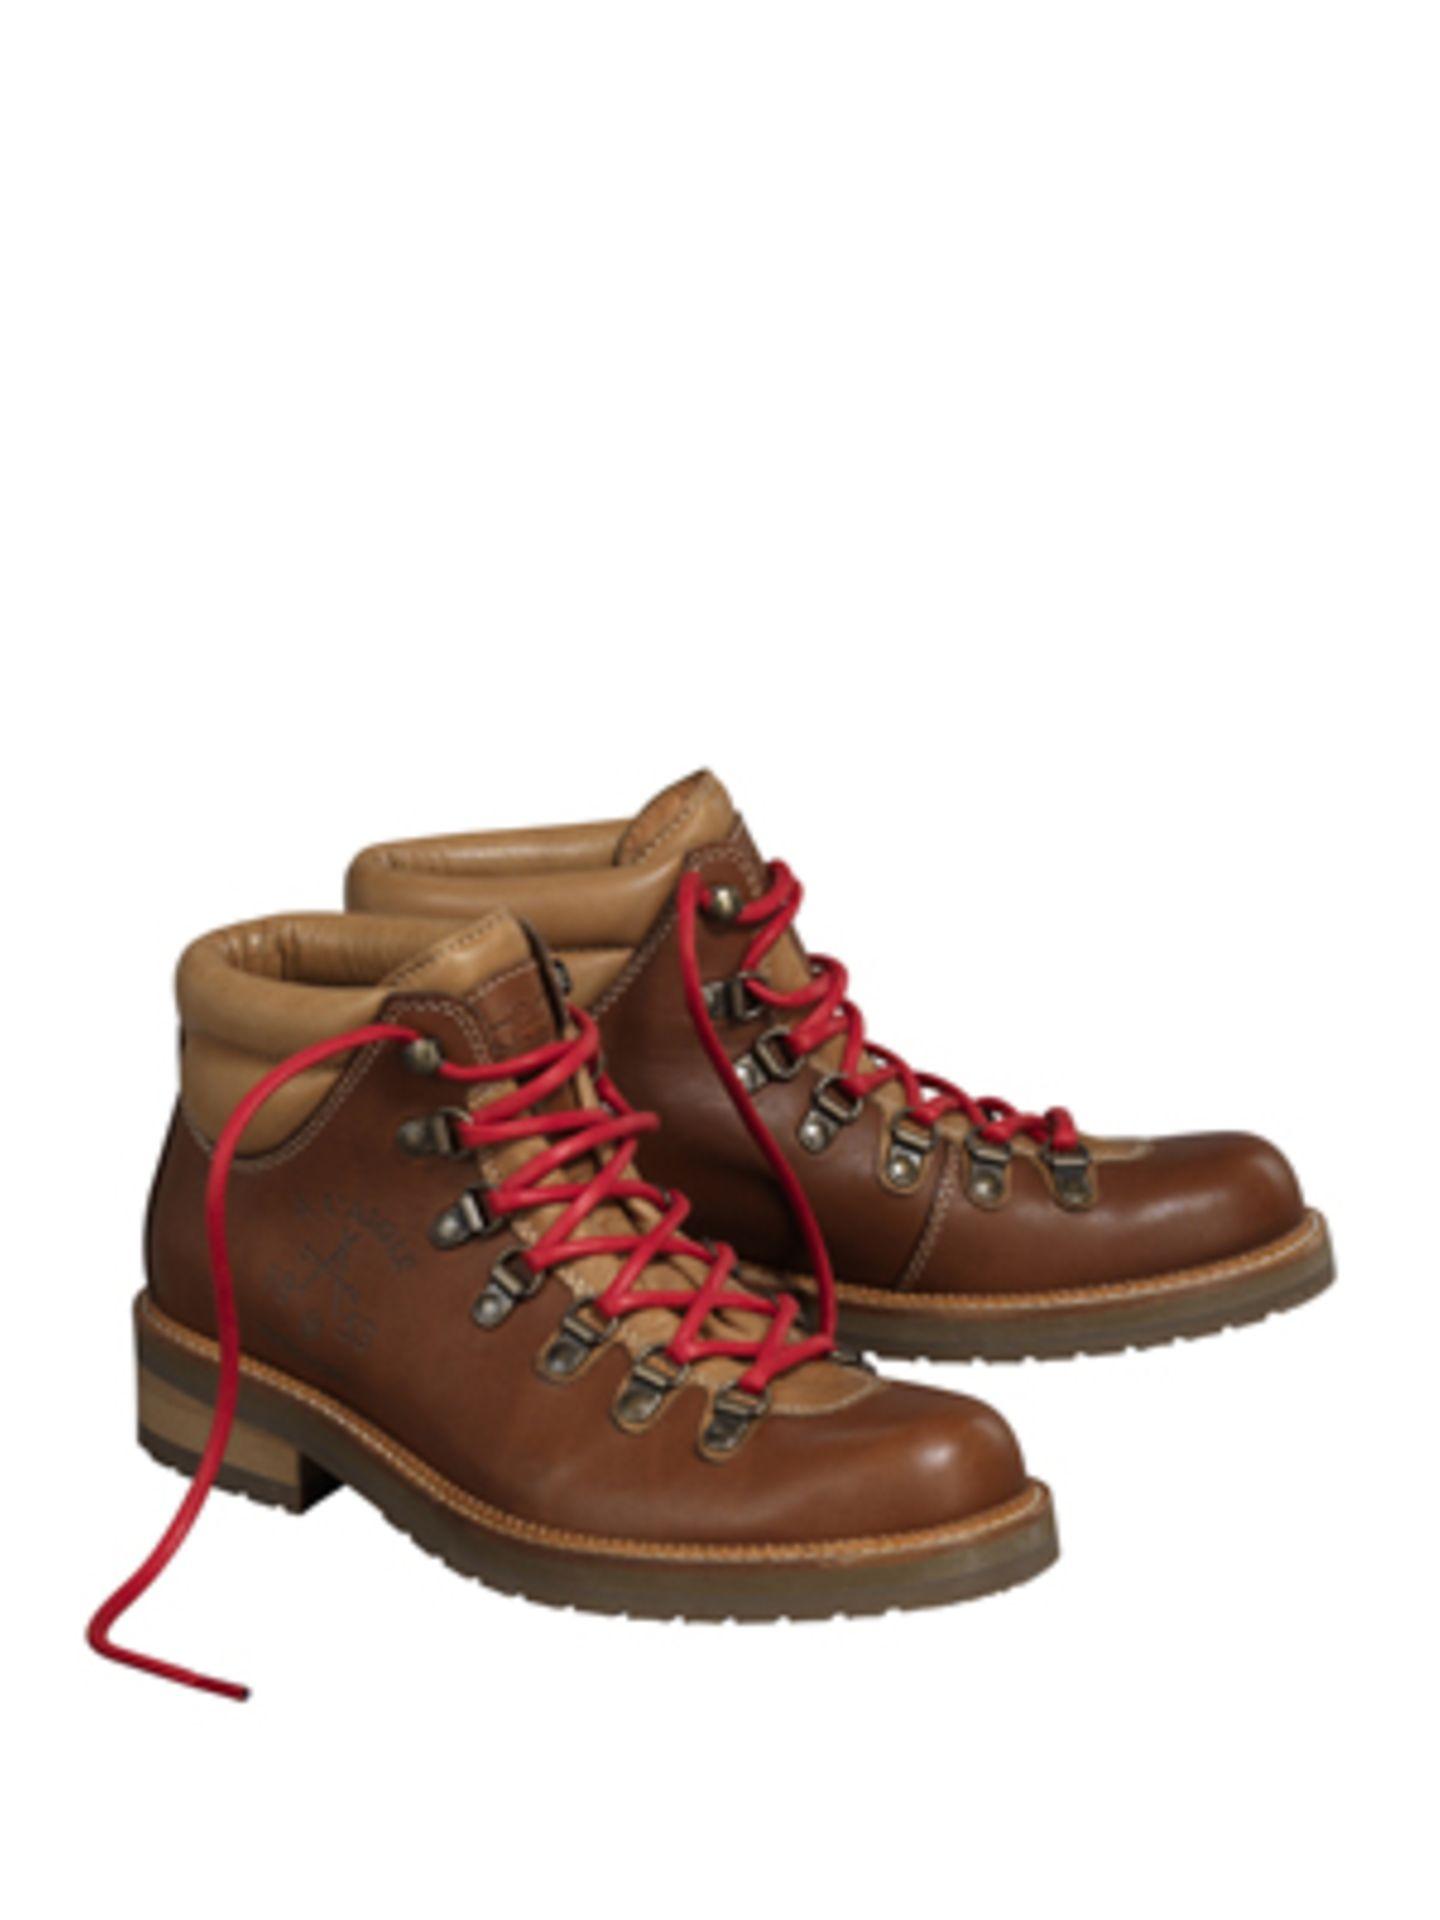 Derbe Wanderstiefel aus Leder mit roten Schnürsenkeln von Aigle, um 180 Euro. Tipp: Kniestrümpfe mit Flechtmuster machen den Wiesn-Look perfekt!